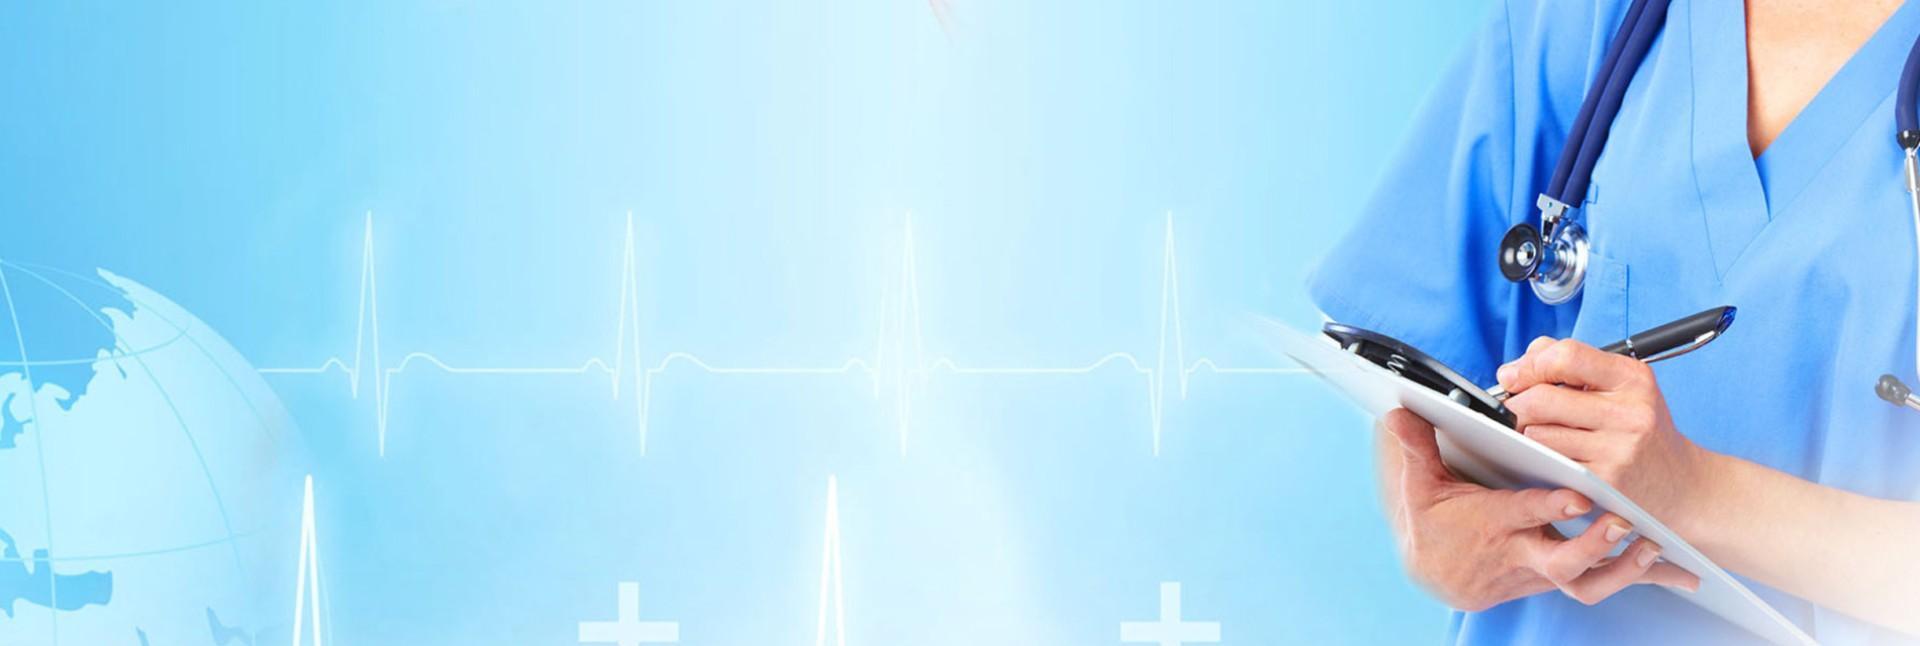 Обязательный медицинский осмотр для первокурсников КФУ